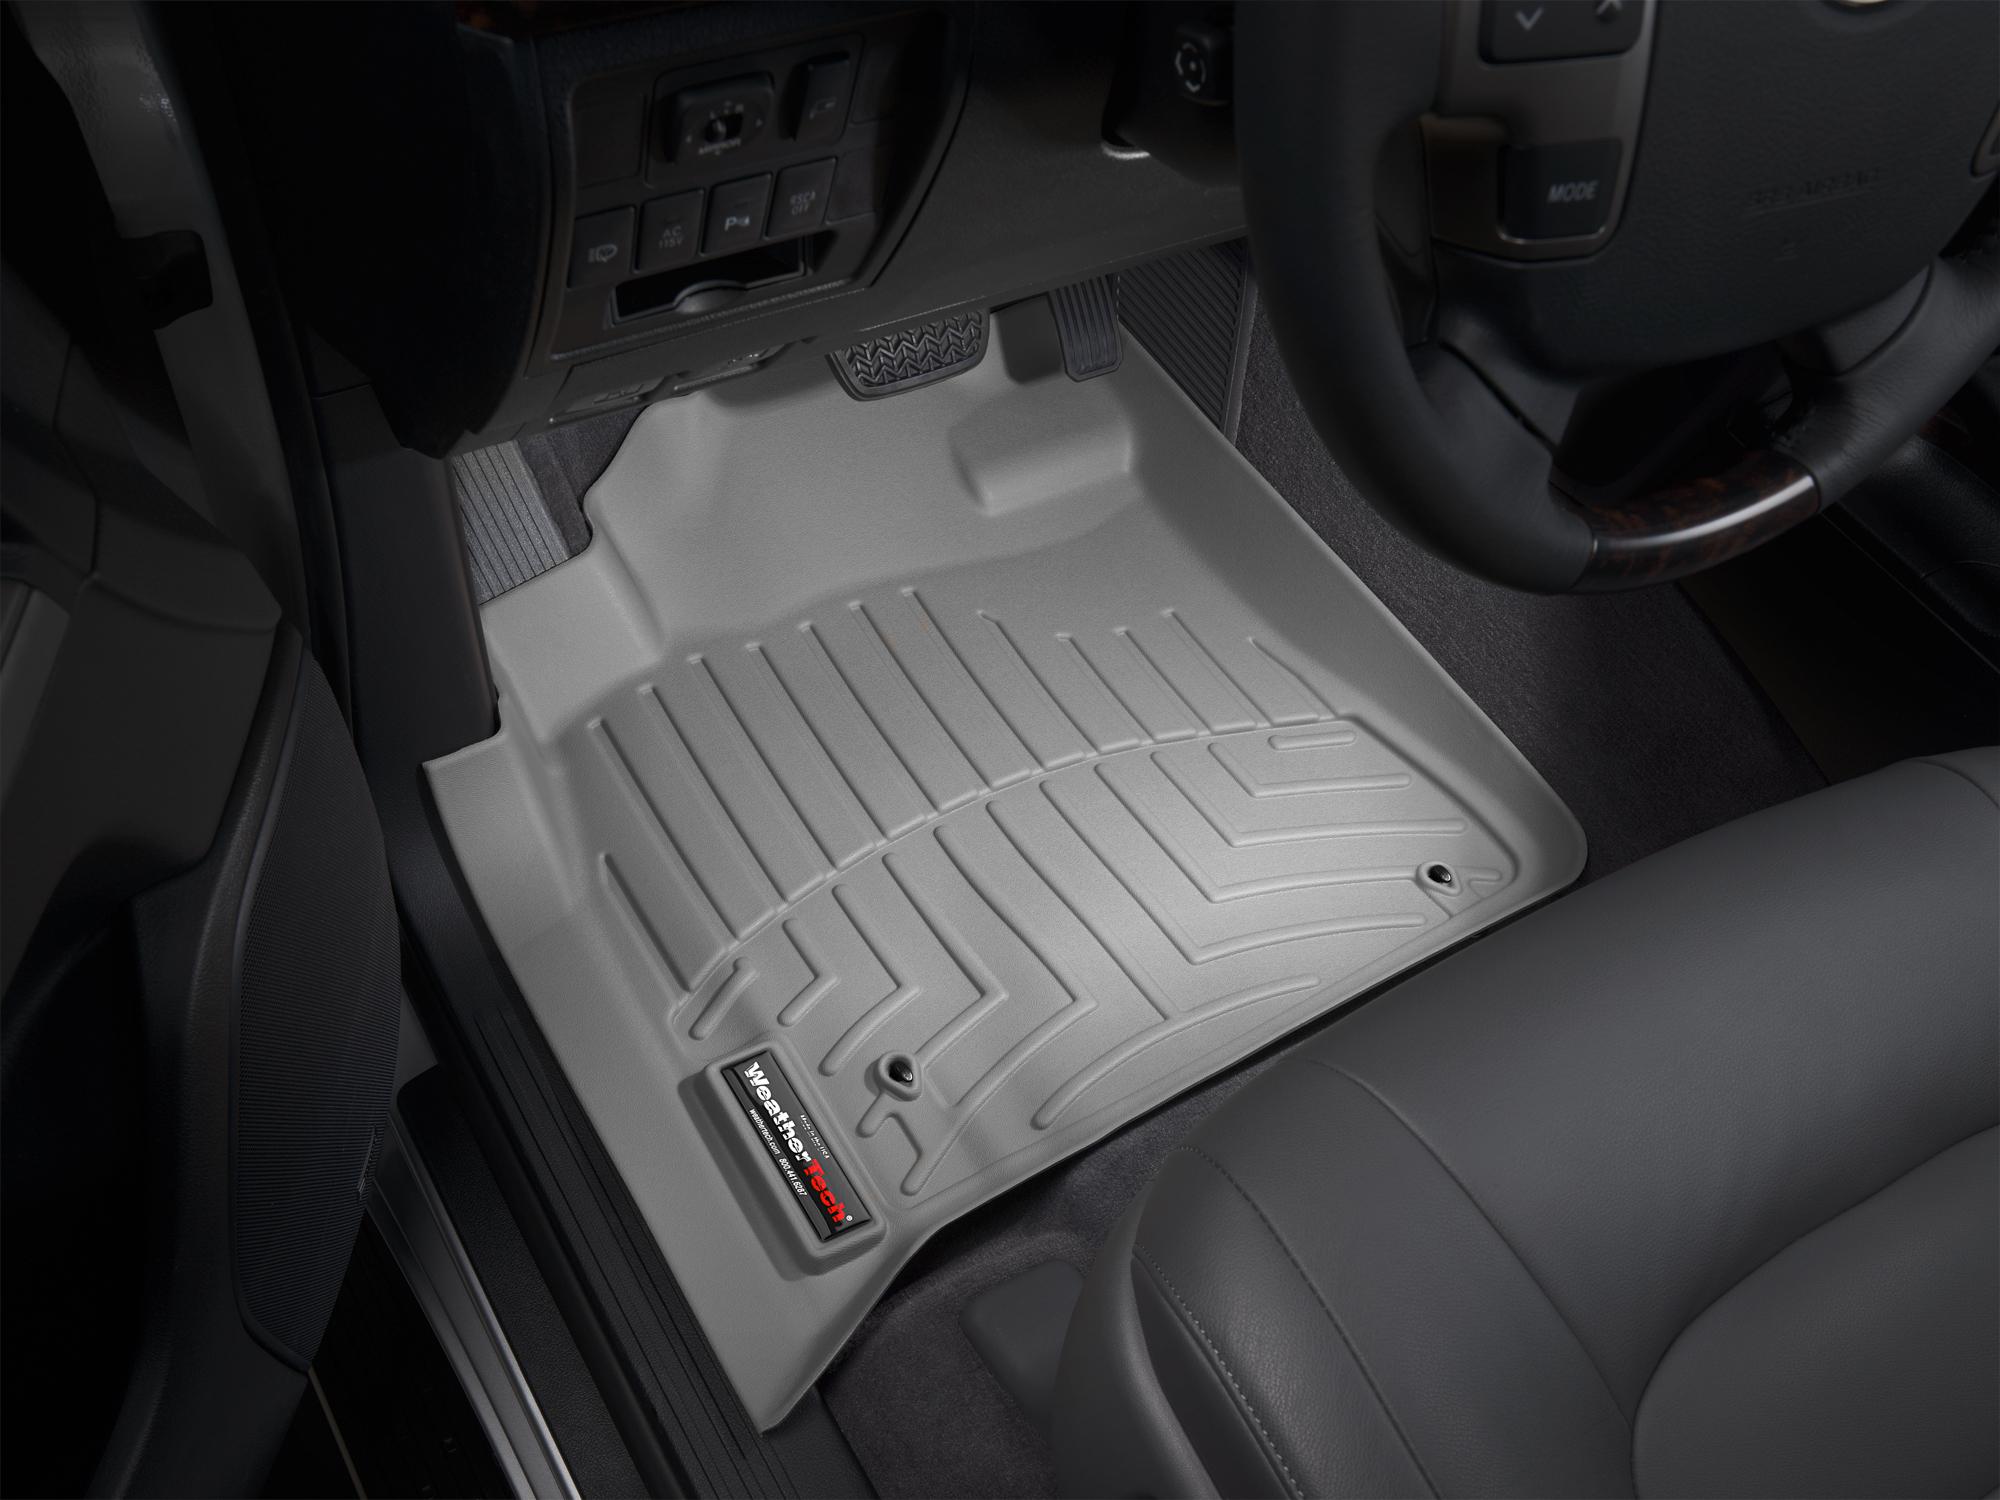 Tappeti gomma su misura bordo alto Toyota Land Cruiser V8 08>11 Grigio A3696*